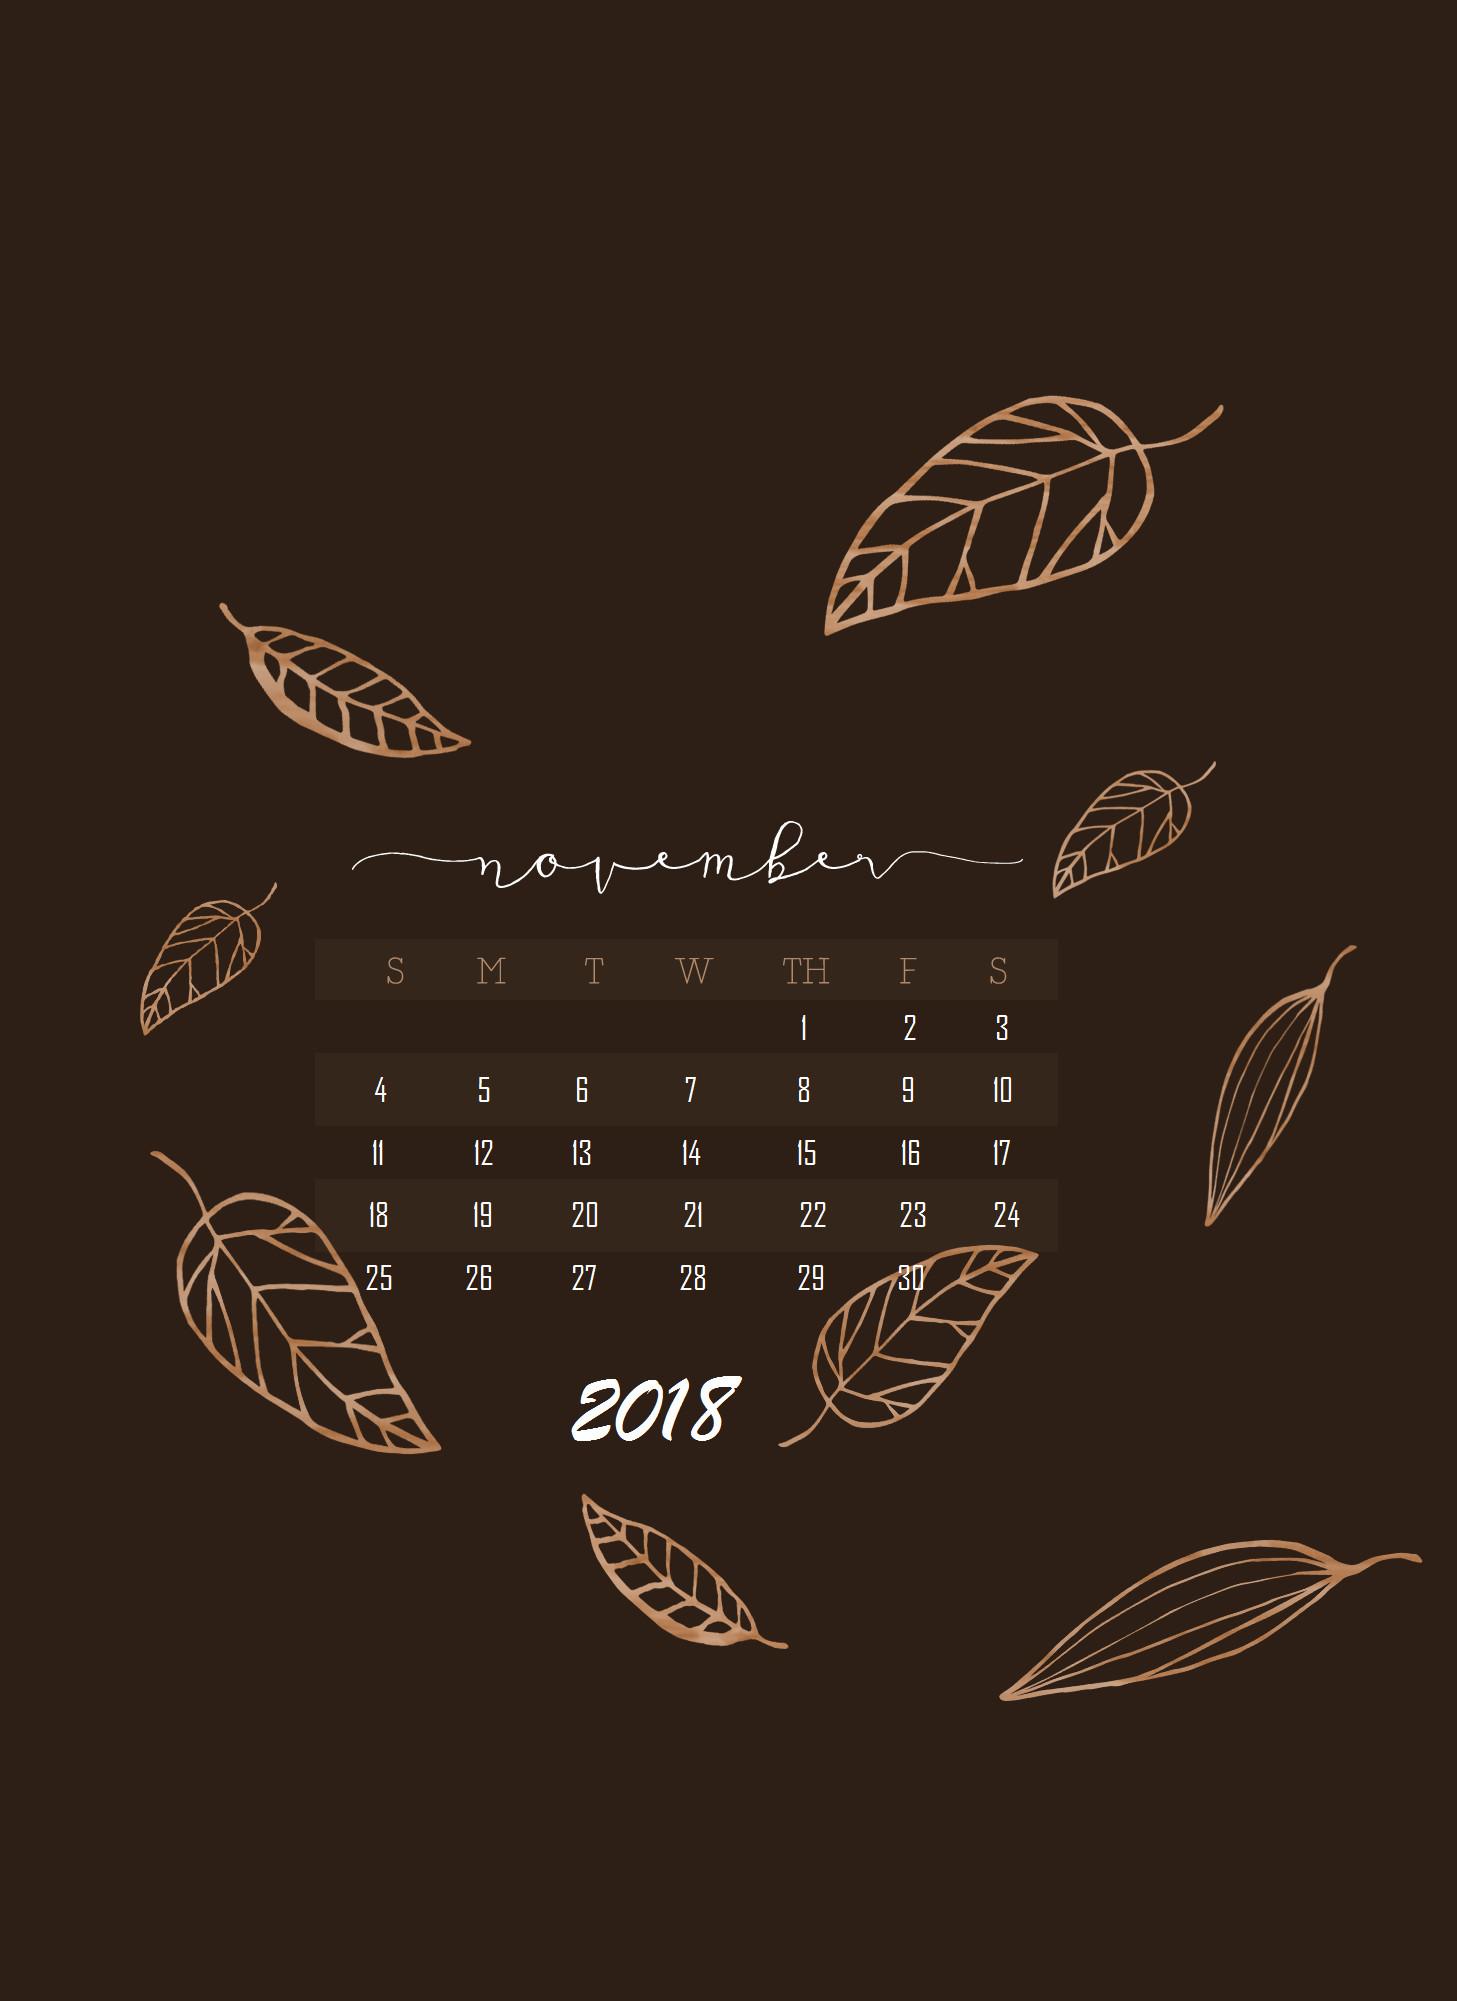 November 2018 Iphone Calendar Wallpaper   Data Src - November Calendar Wallpaper 2019 , HD Wallpaper & Backgrounds